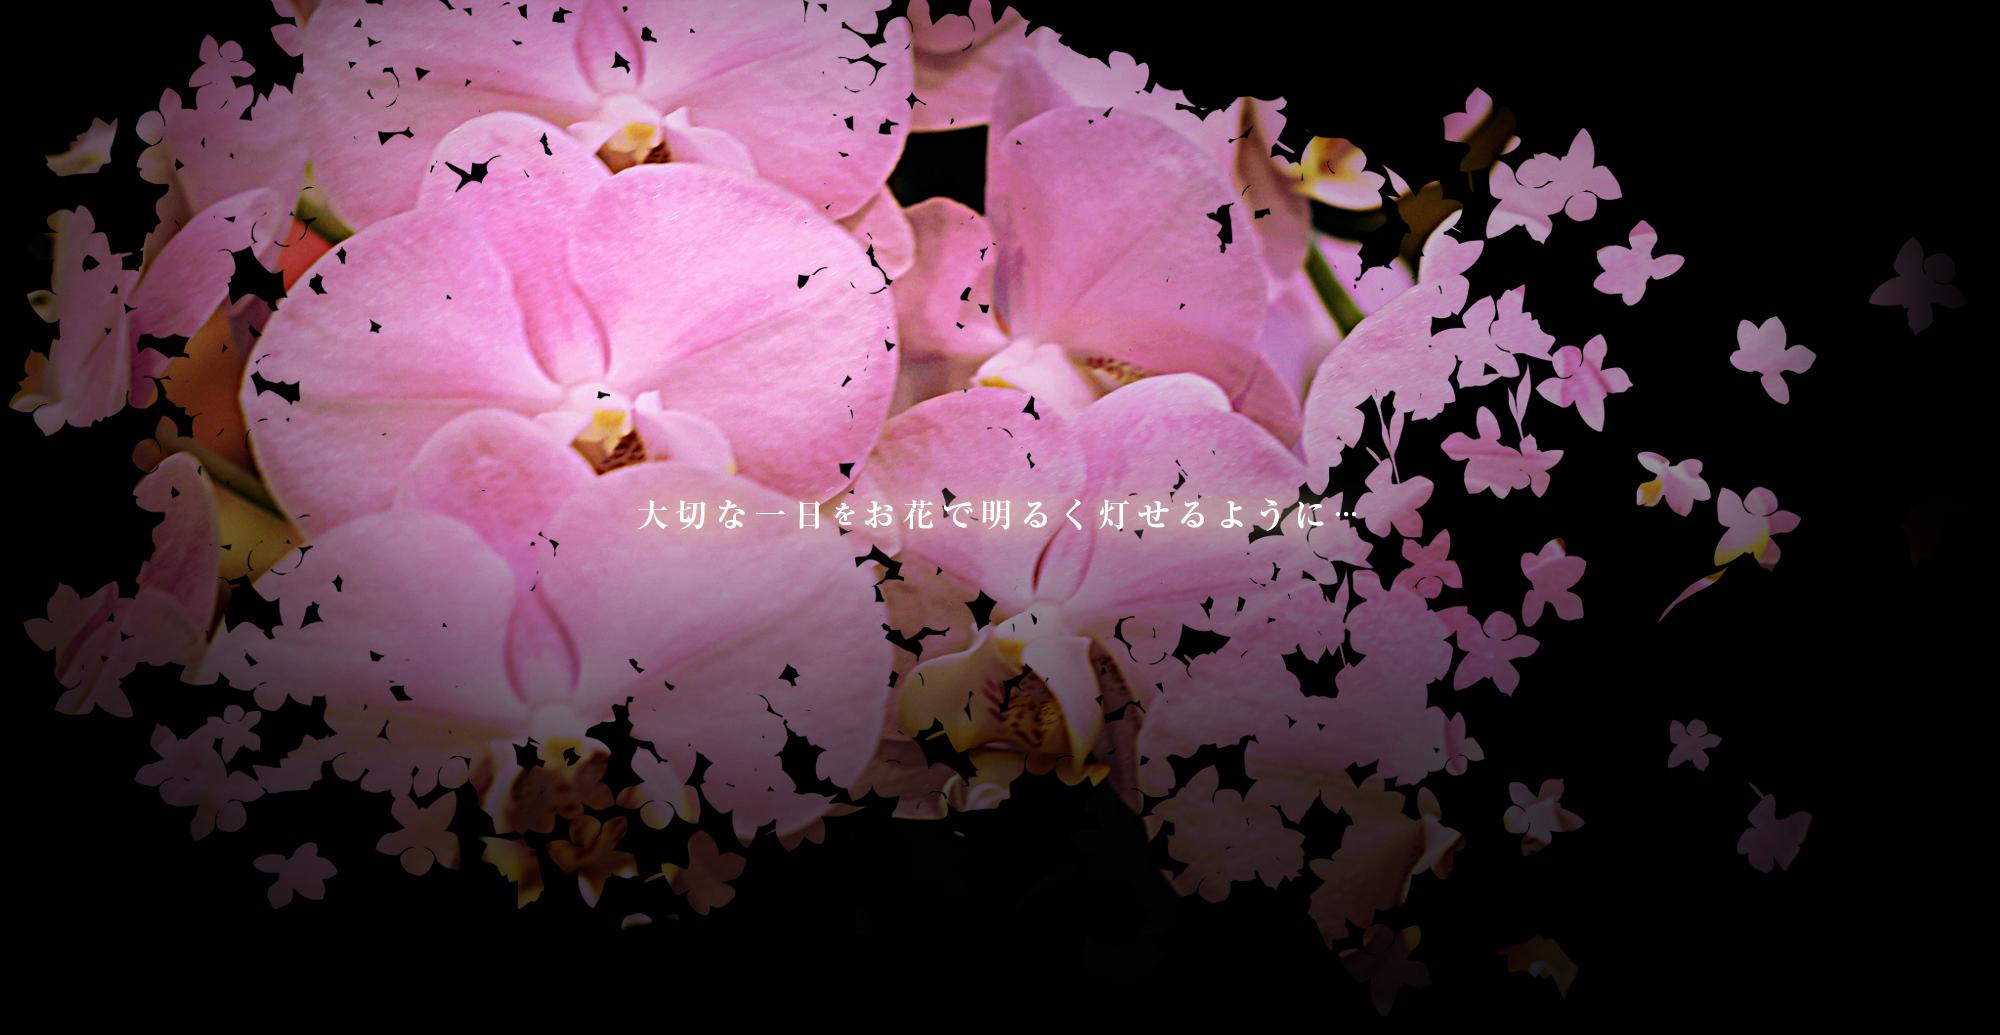 大切な一日をお花で明るく灯せるように…